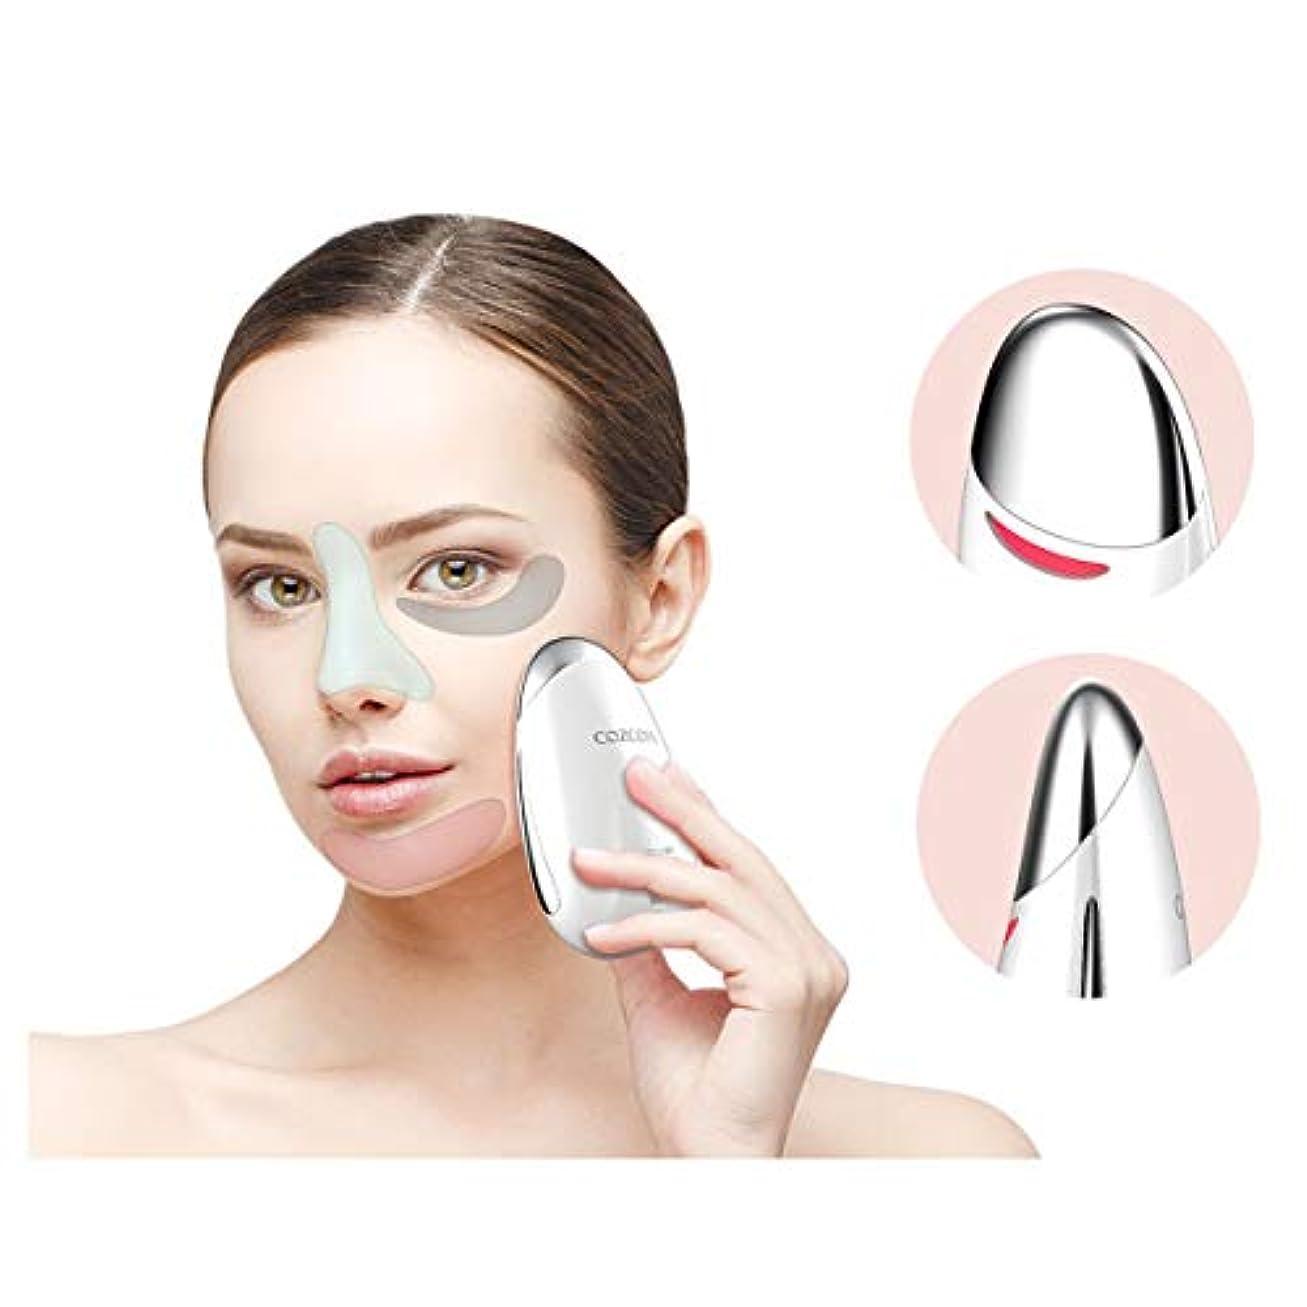 ノーブルできれば偶然Cozcore ECLORE ガルバニックサーマルフェイスマッサージャーマッサージ Galvanic Thermal Face Massager Massage